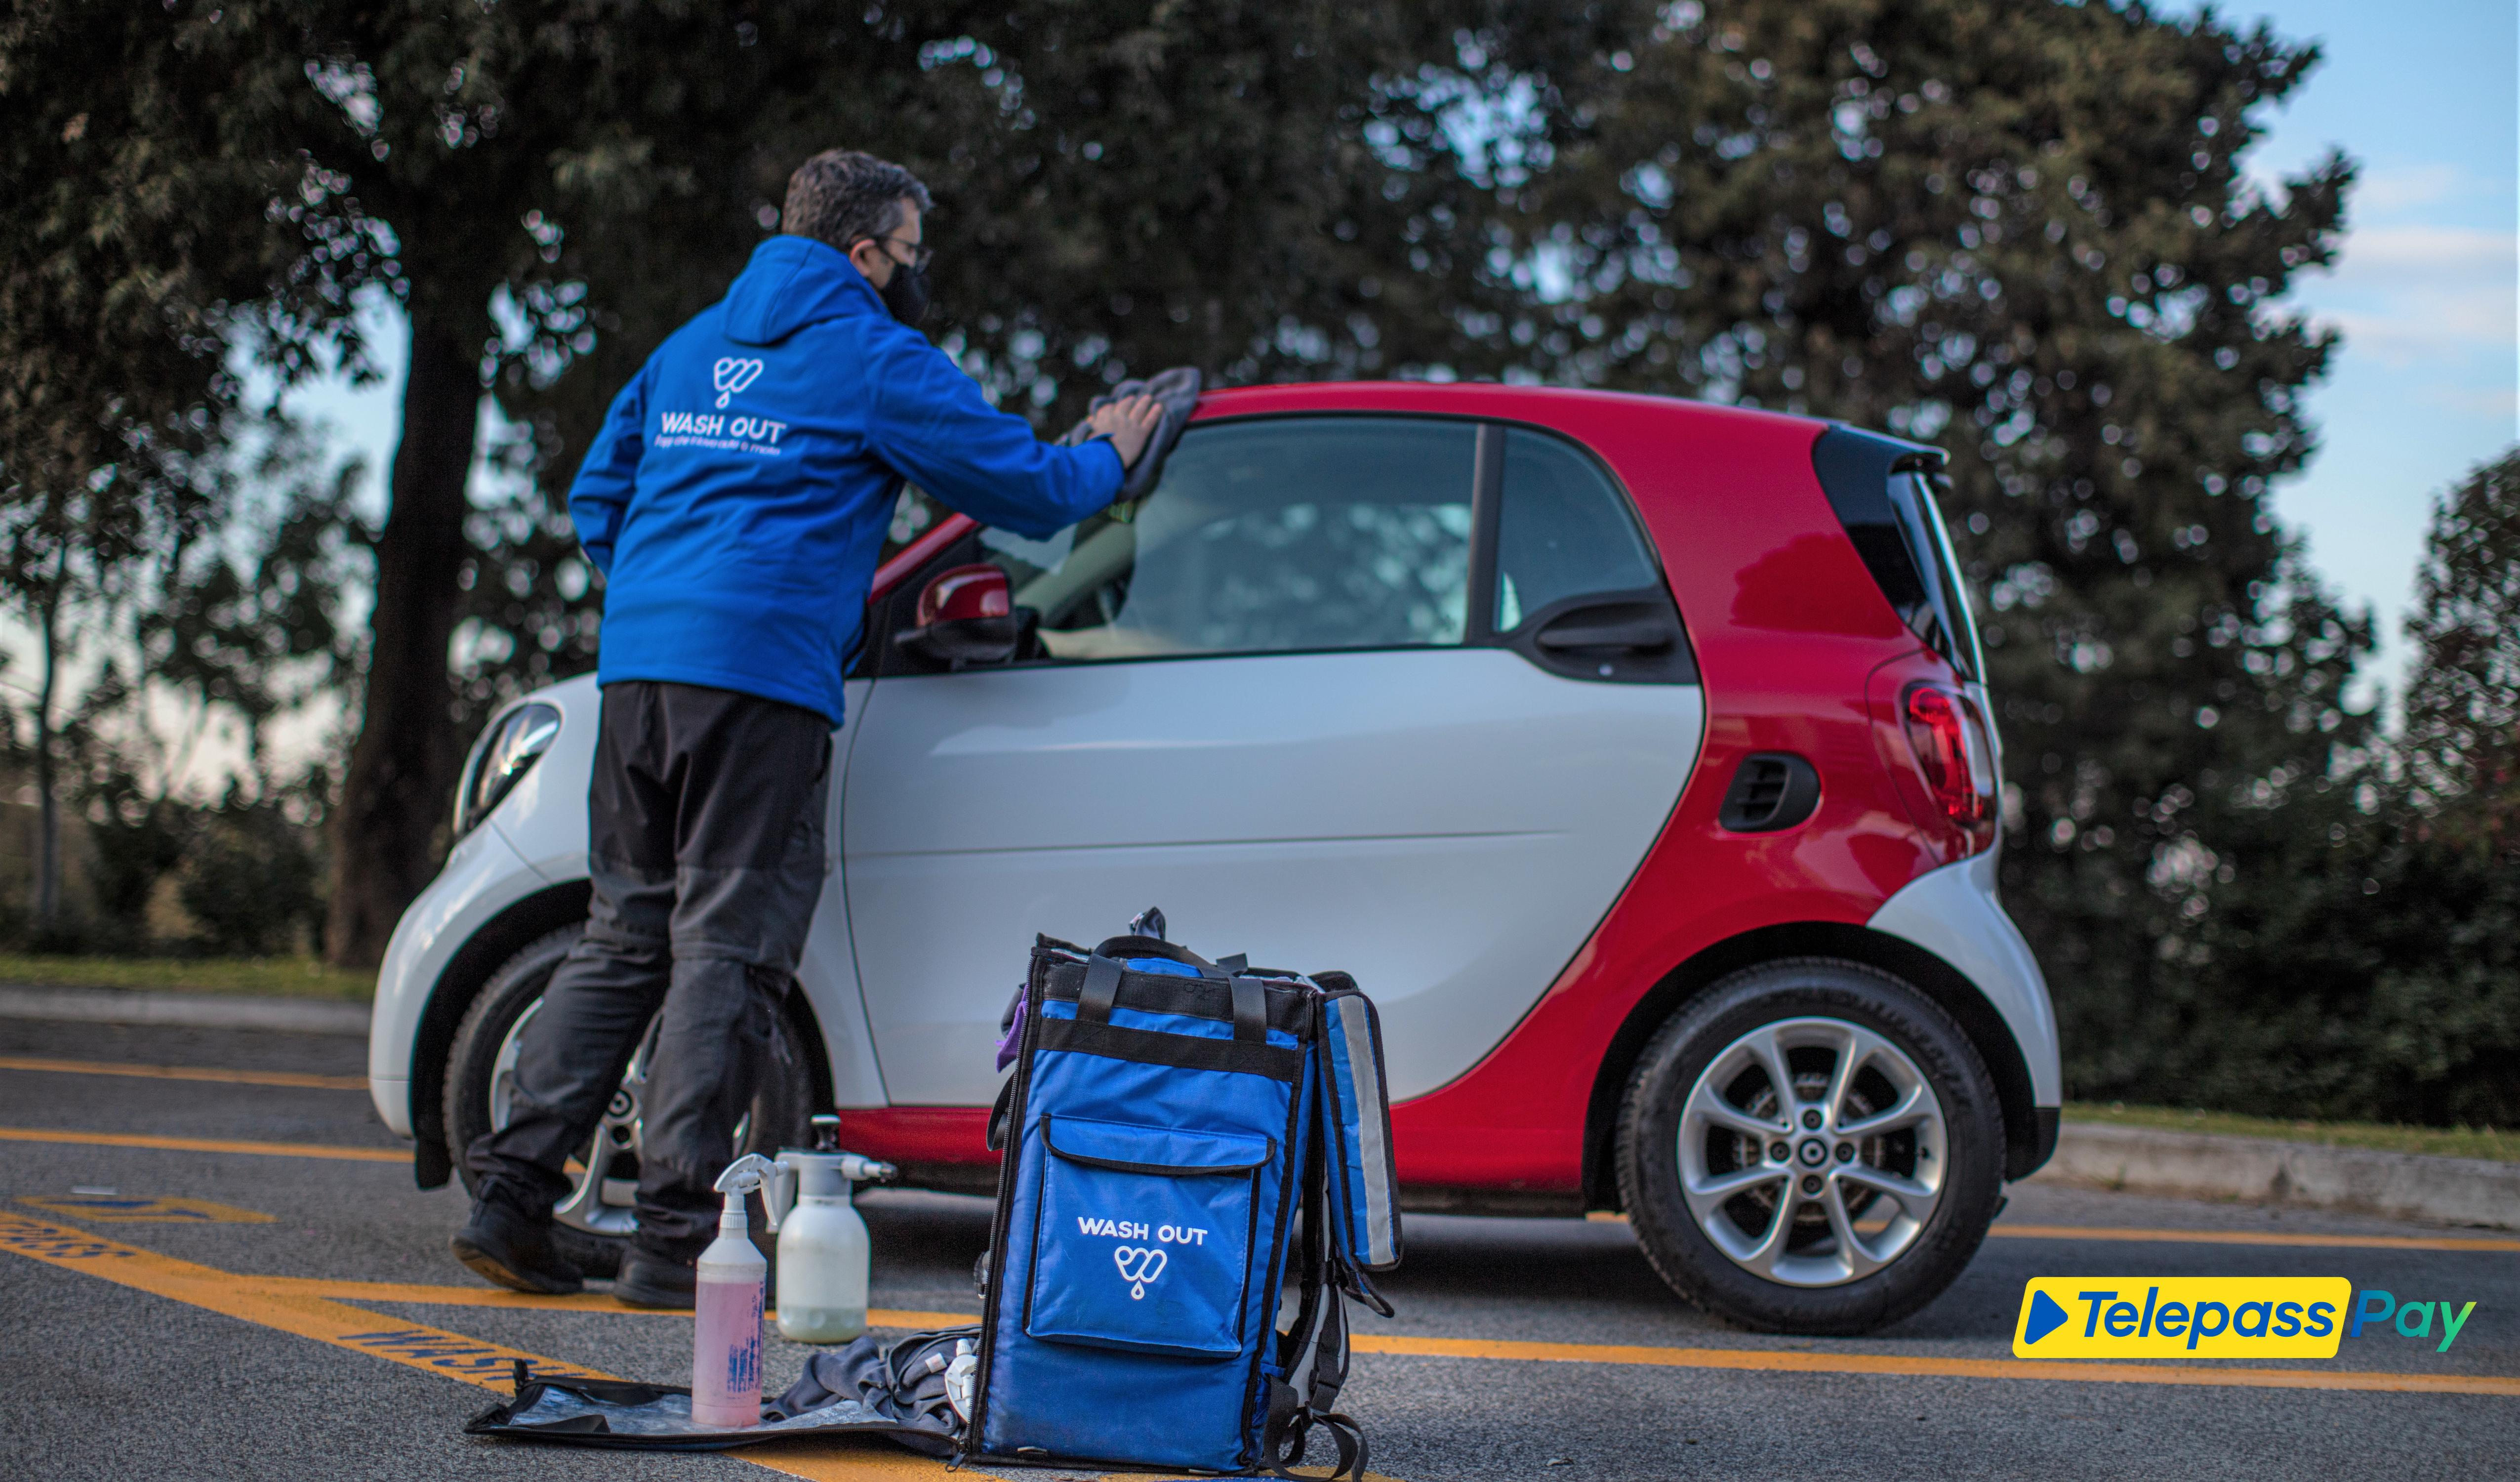 Con Telepass Pay e Wash Out il lavaggio dell'auto diventa più sostenibile